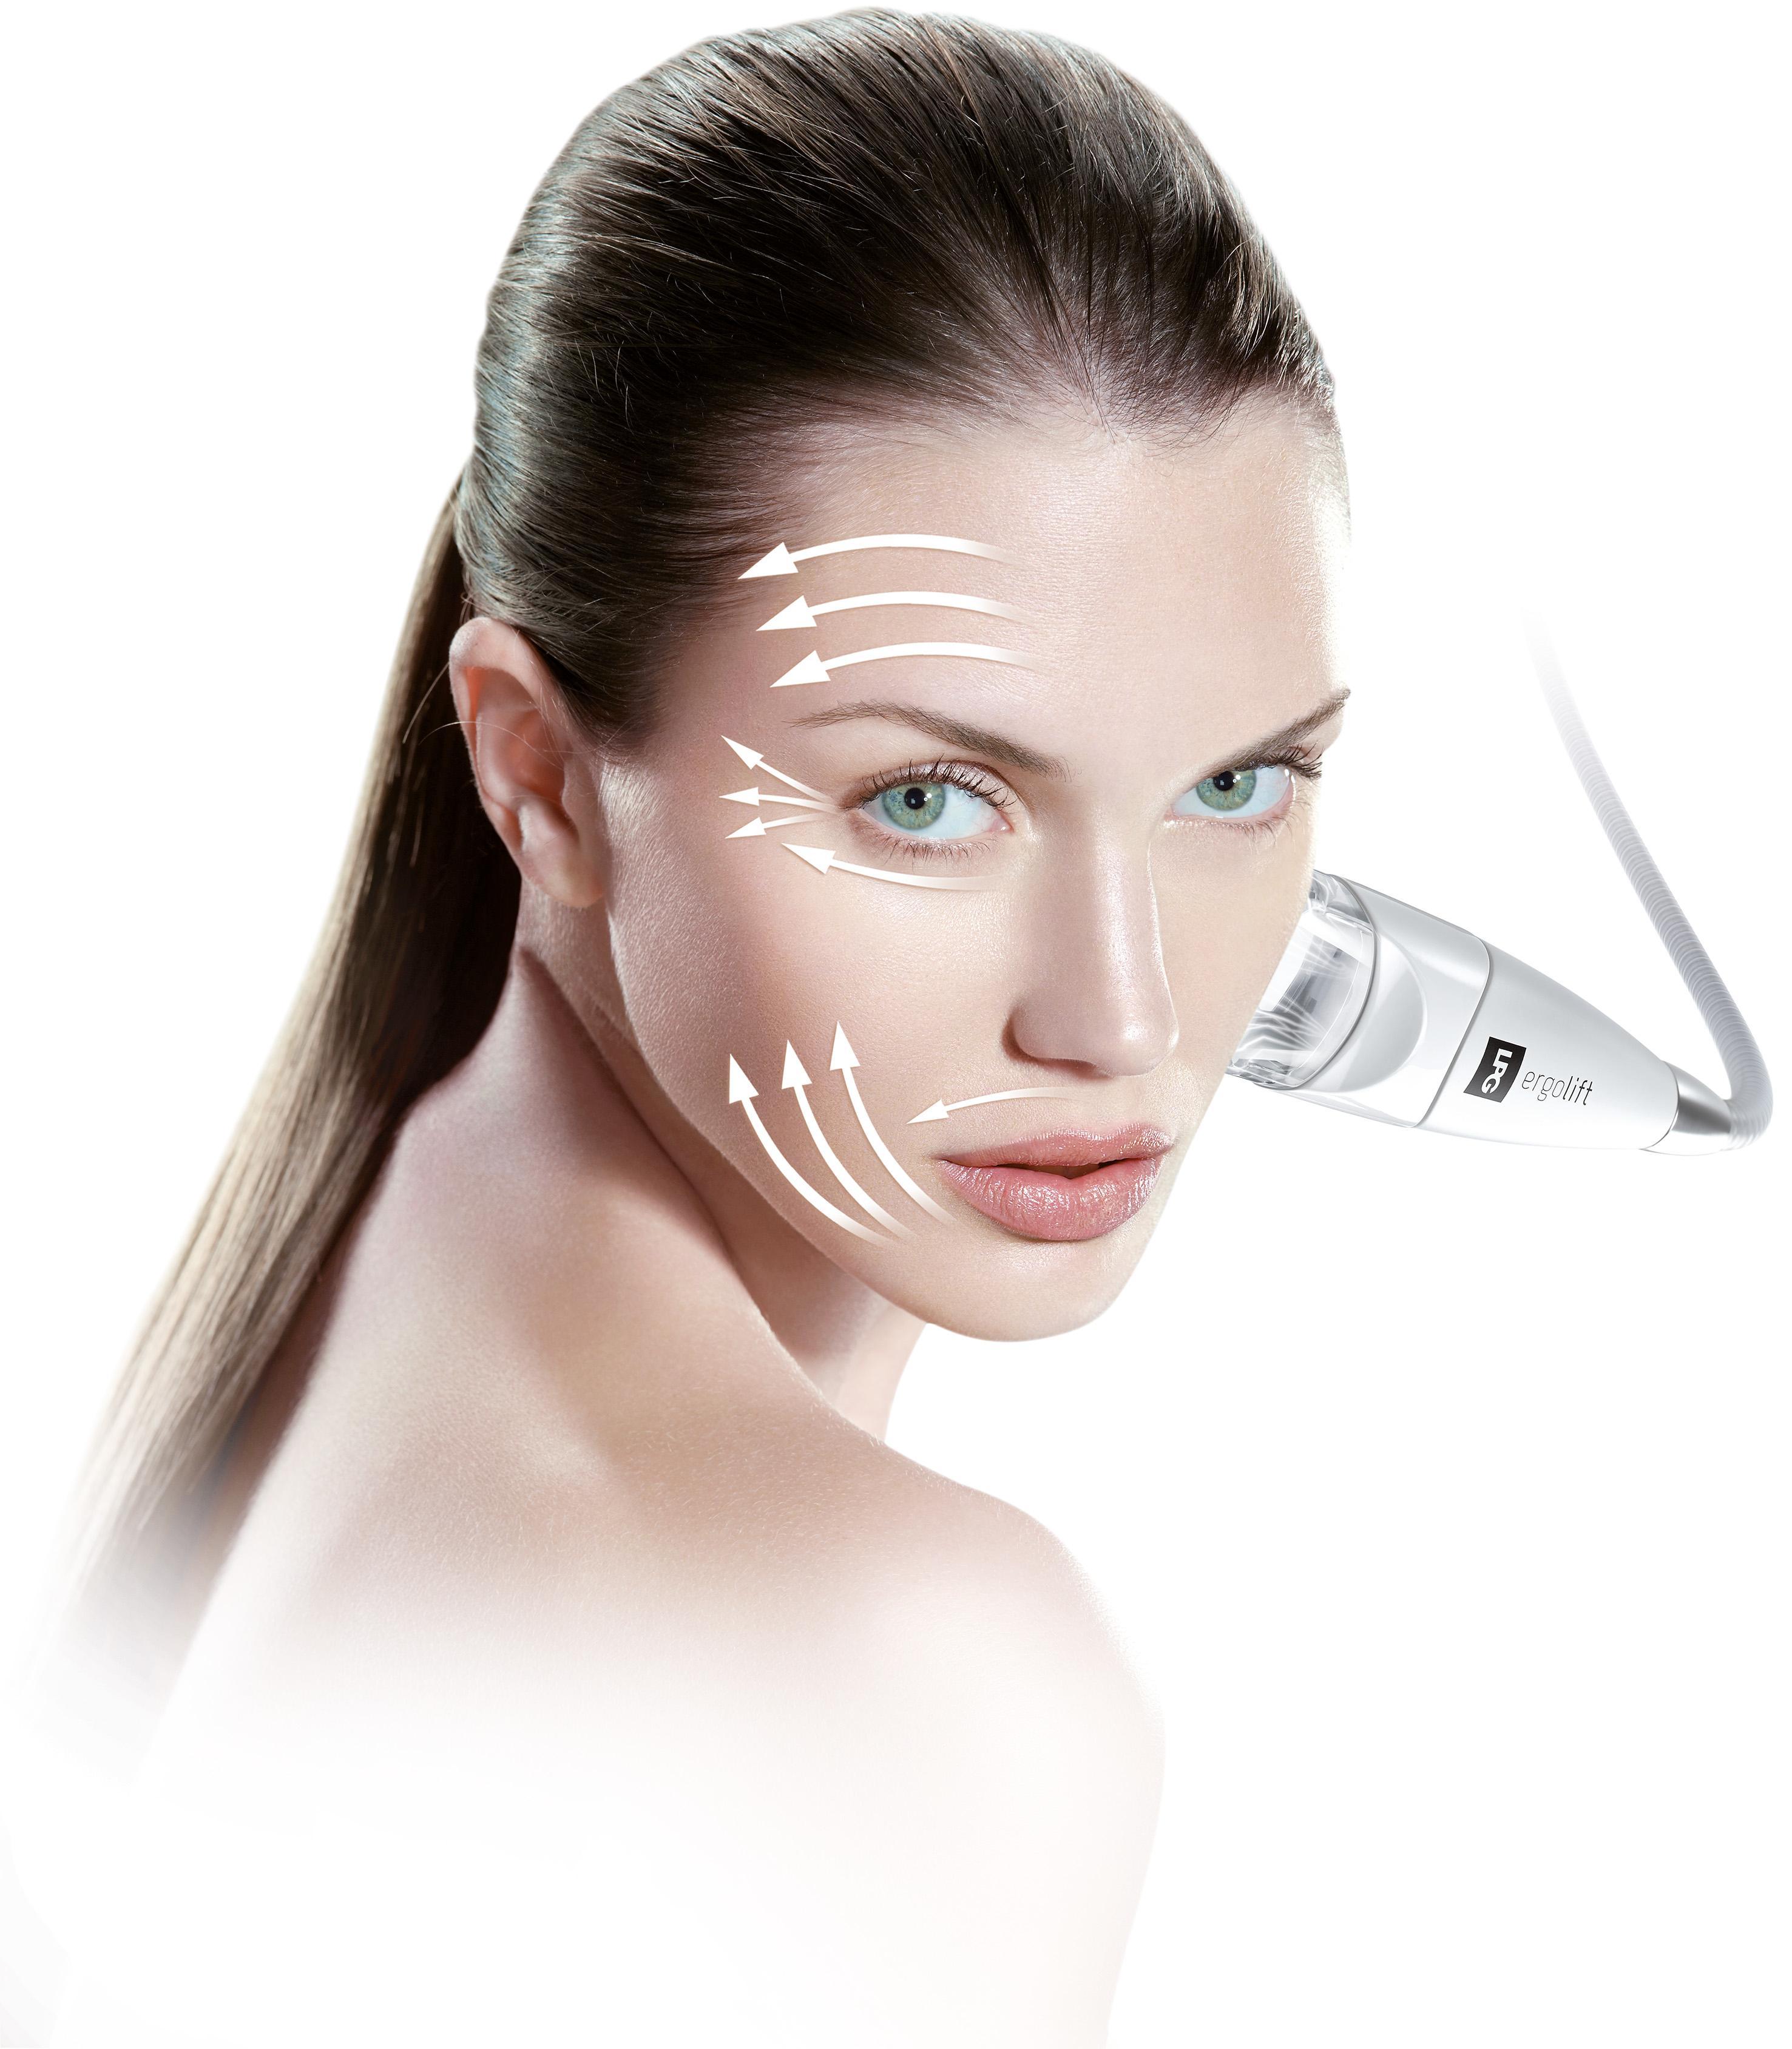 1449480324-64-visage-visage-seul-arrows-1-jpg